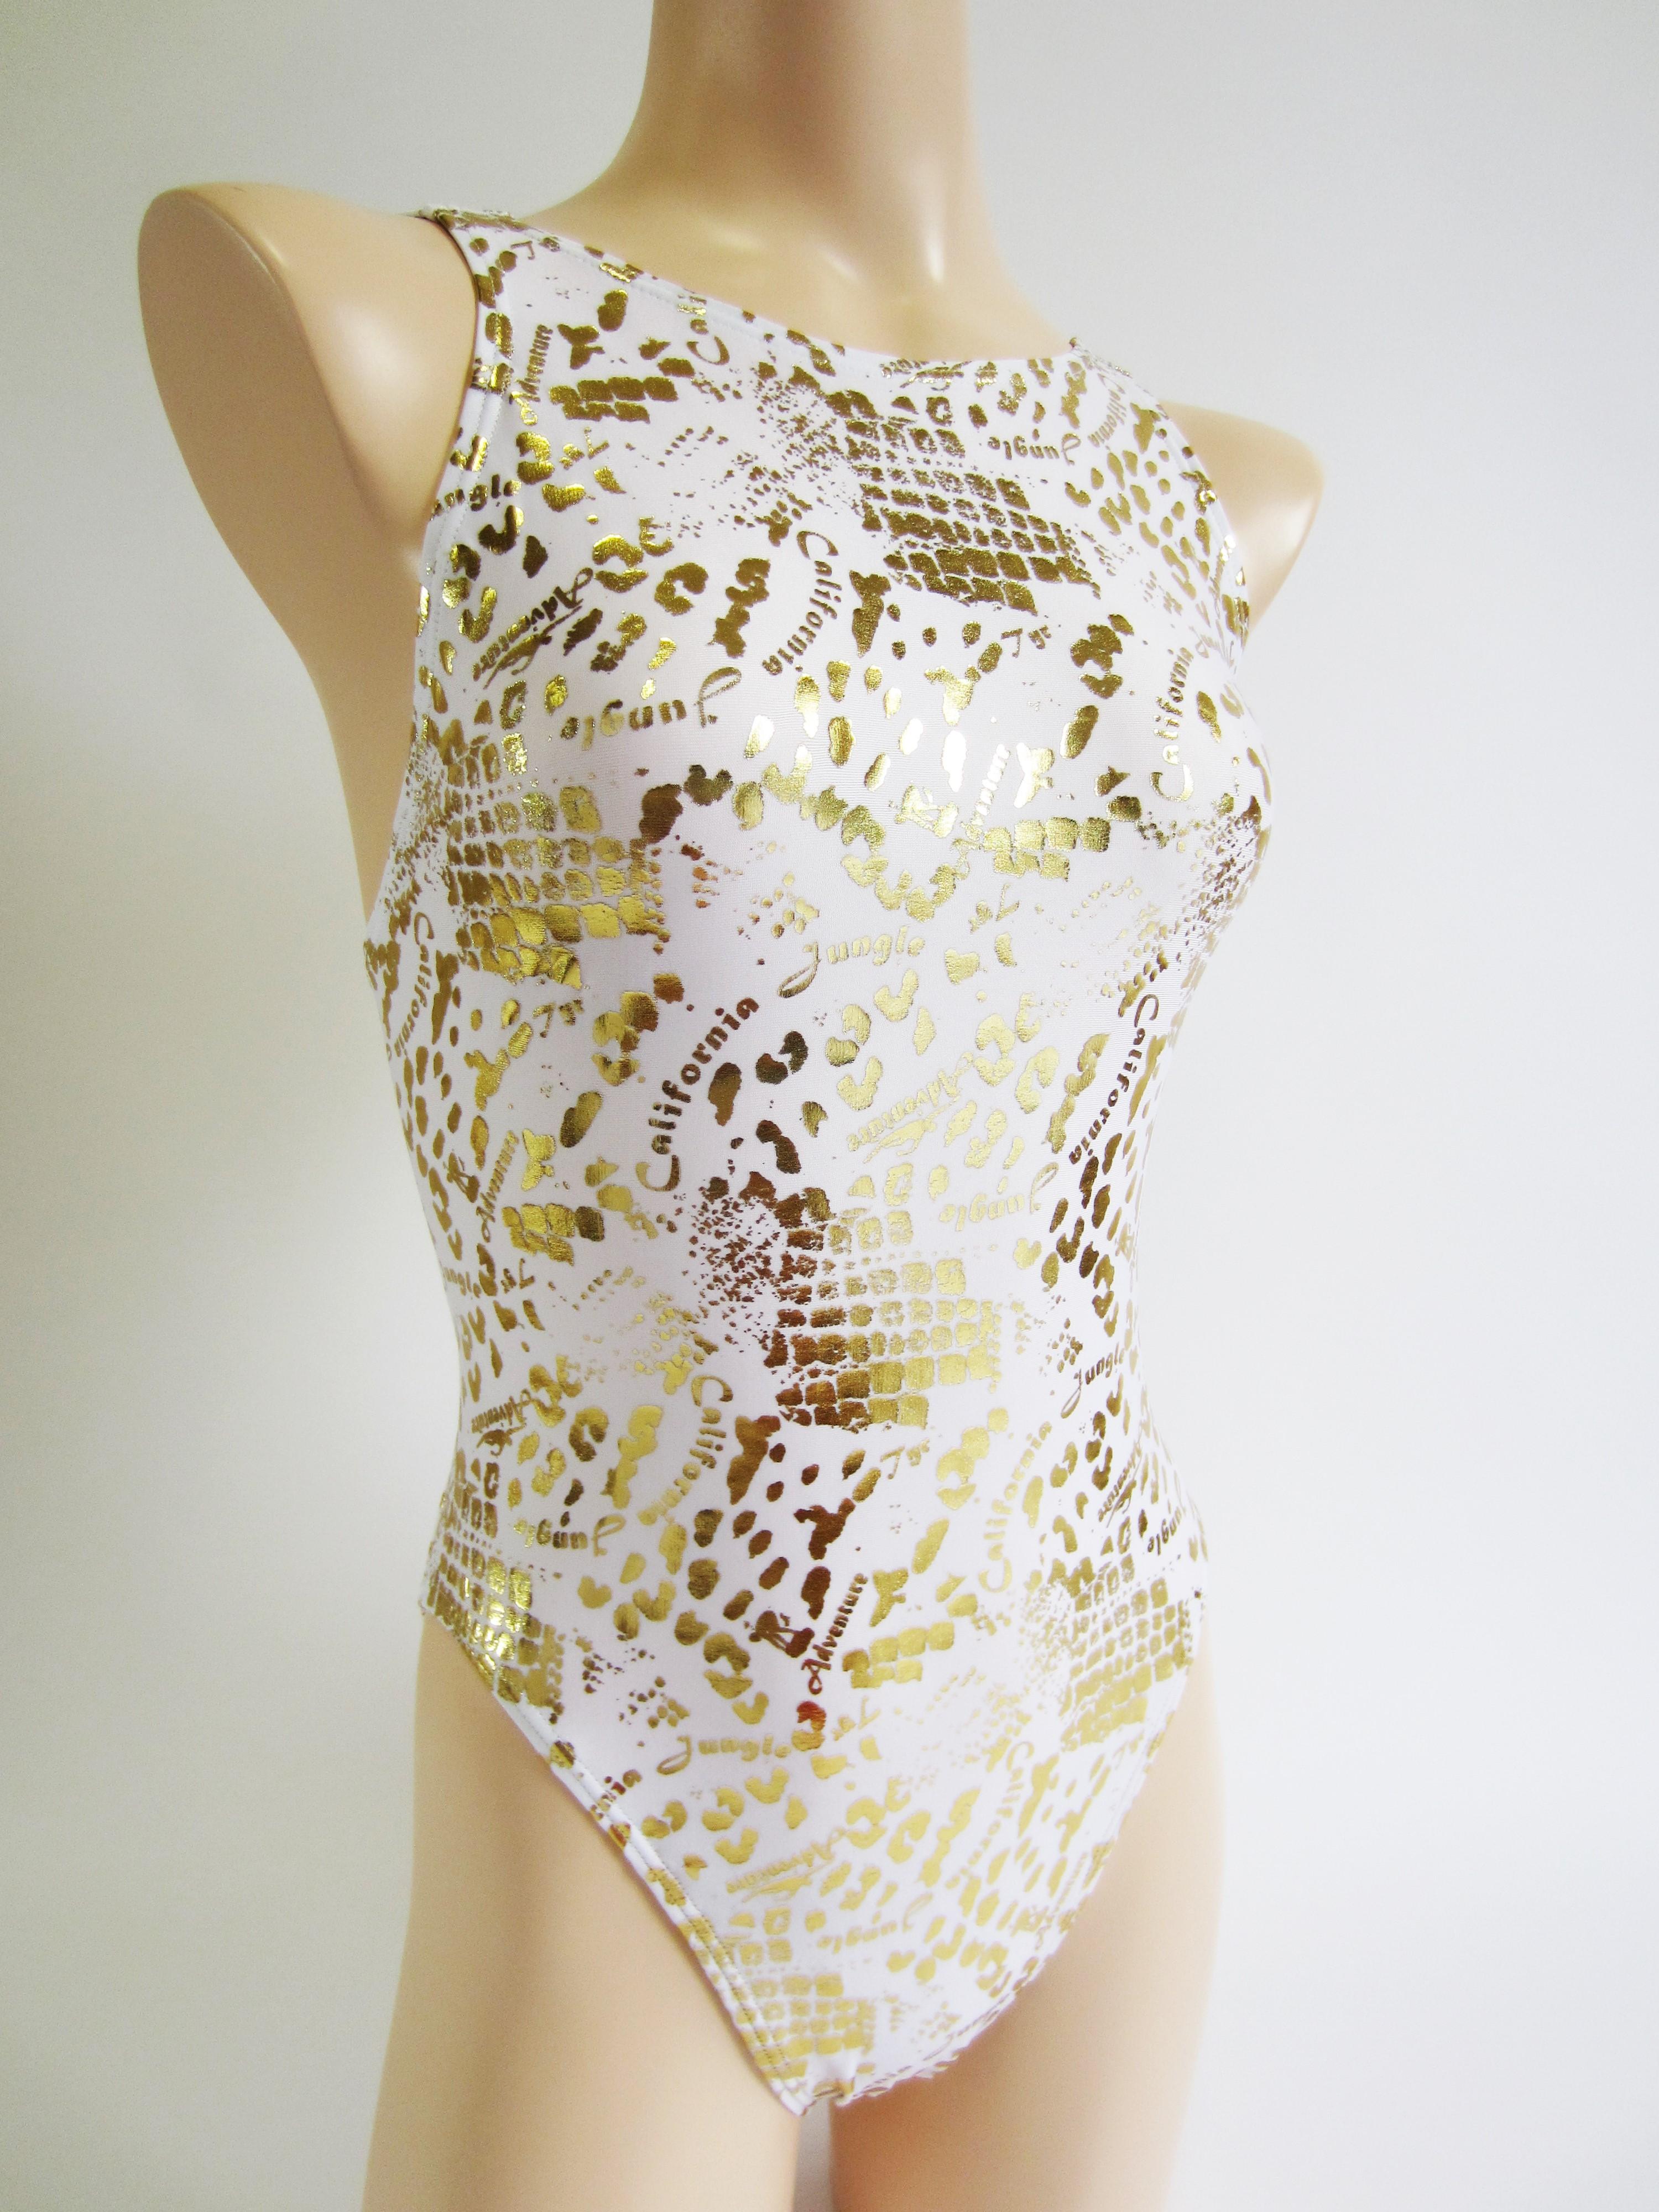 別注 TYR(ティア) ホワイト × ゴールド クロコダイル柄 競泳水着 「スイムショプイノウエ限定 モデル」